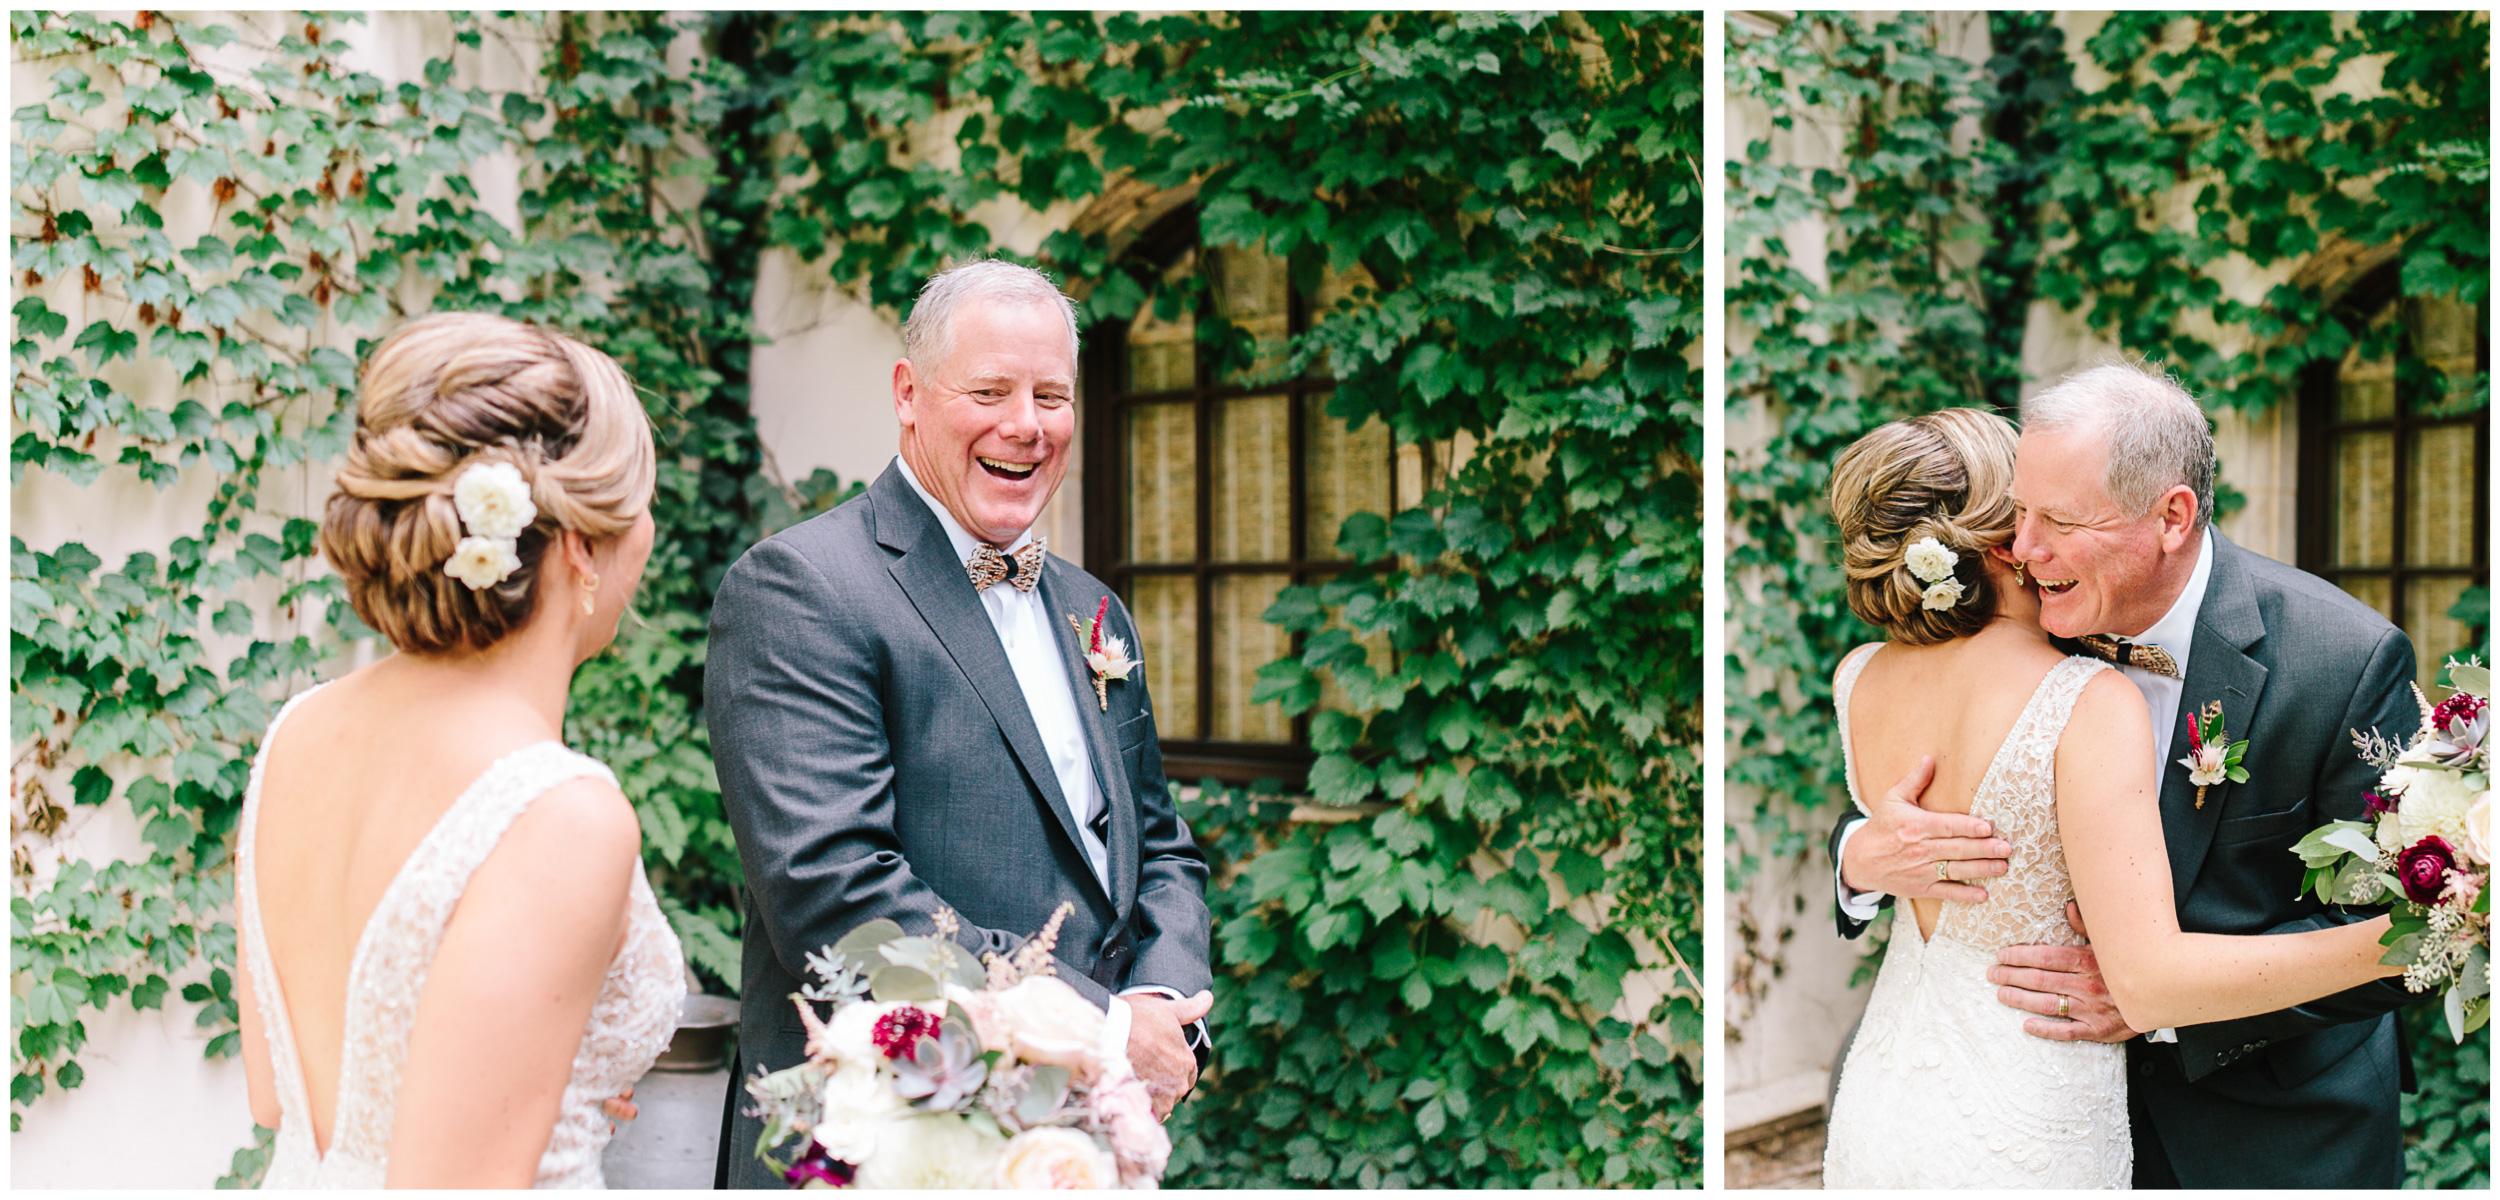 cherry_hills_village_wedding_37.jpg